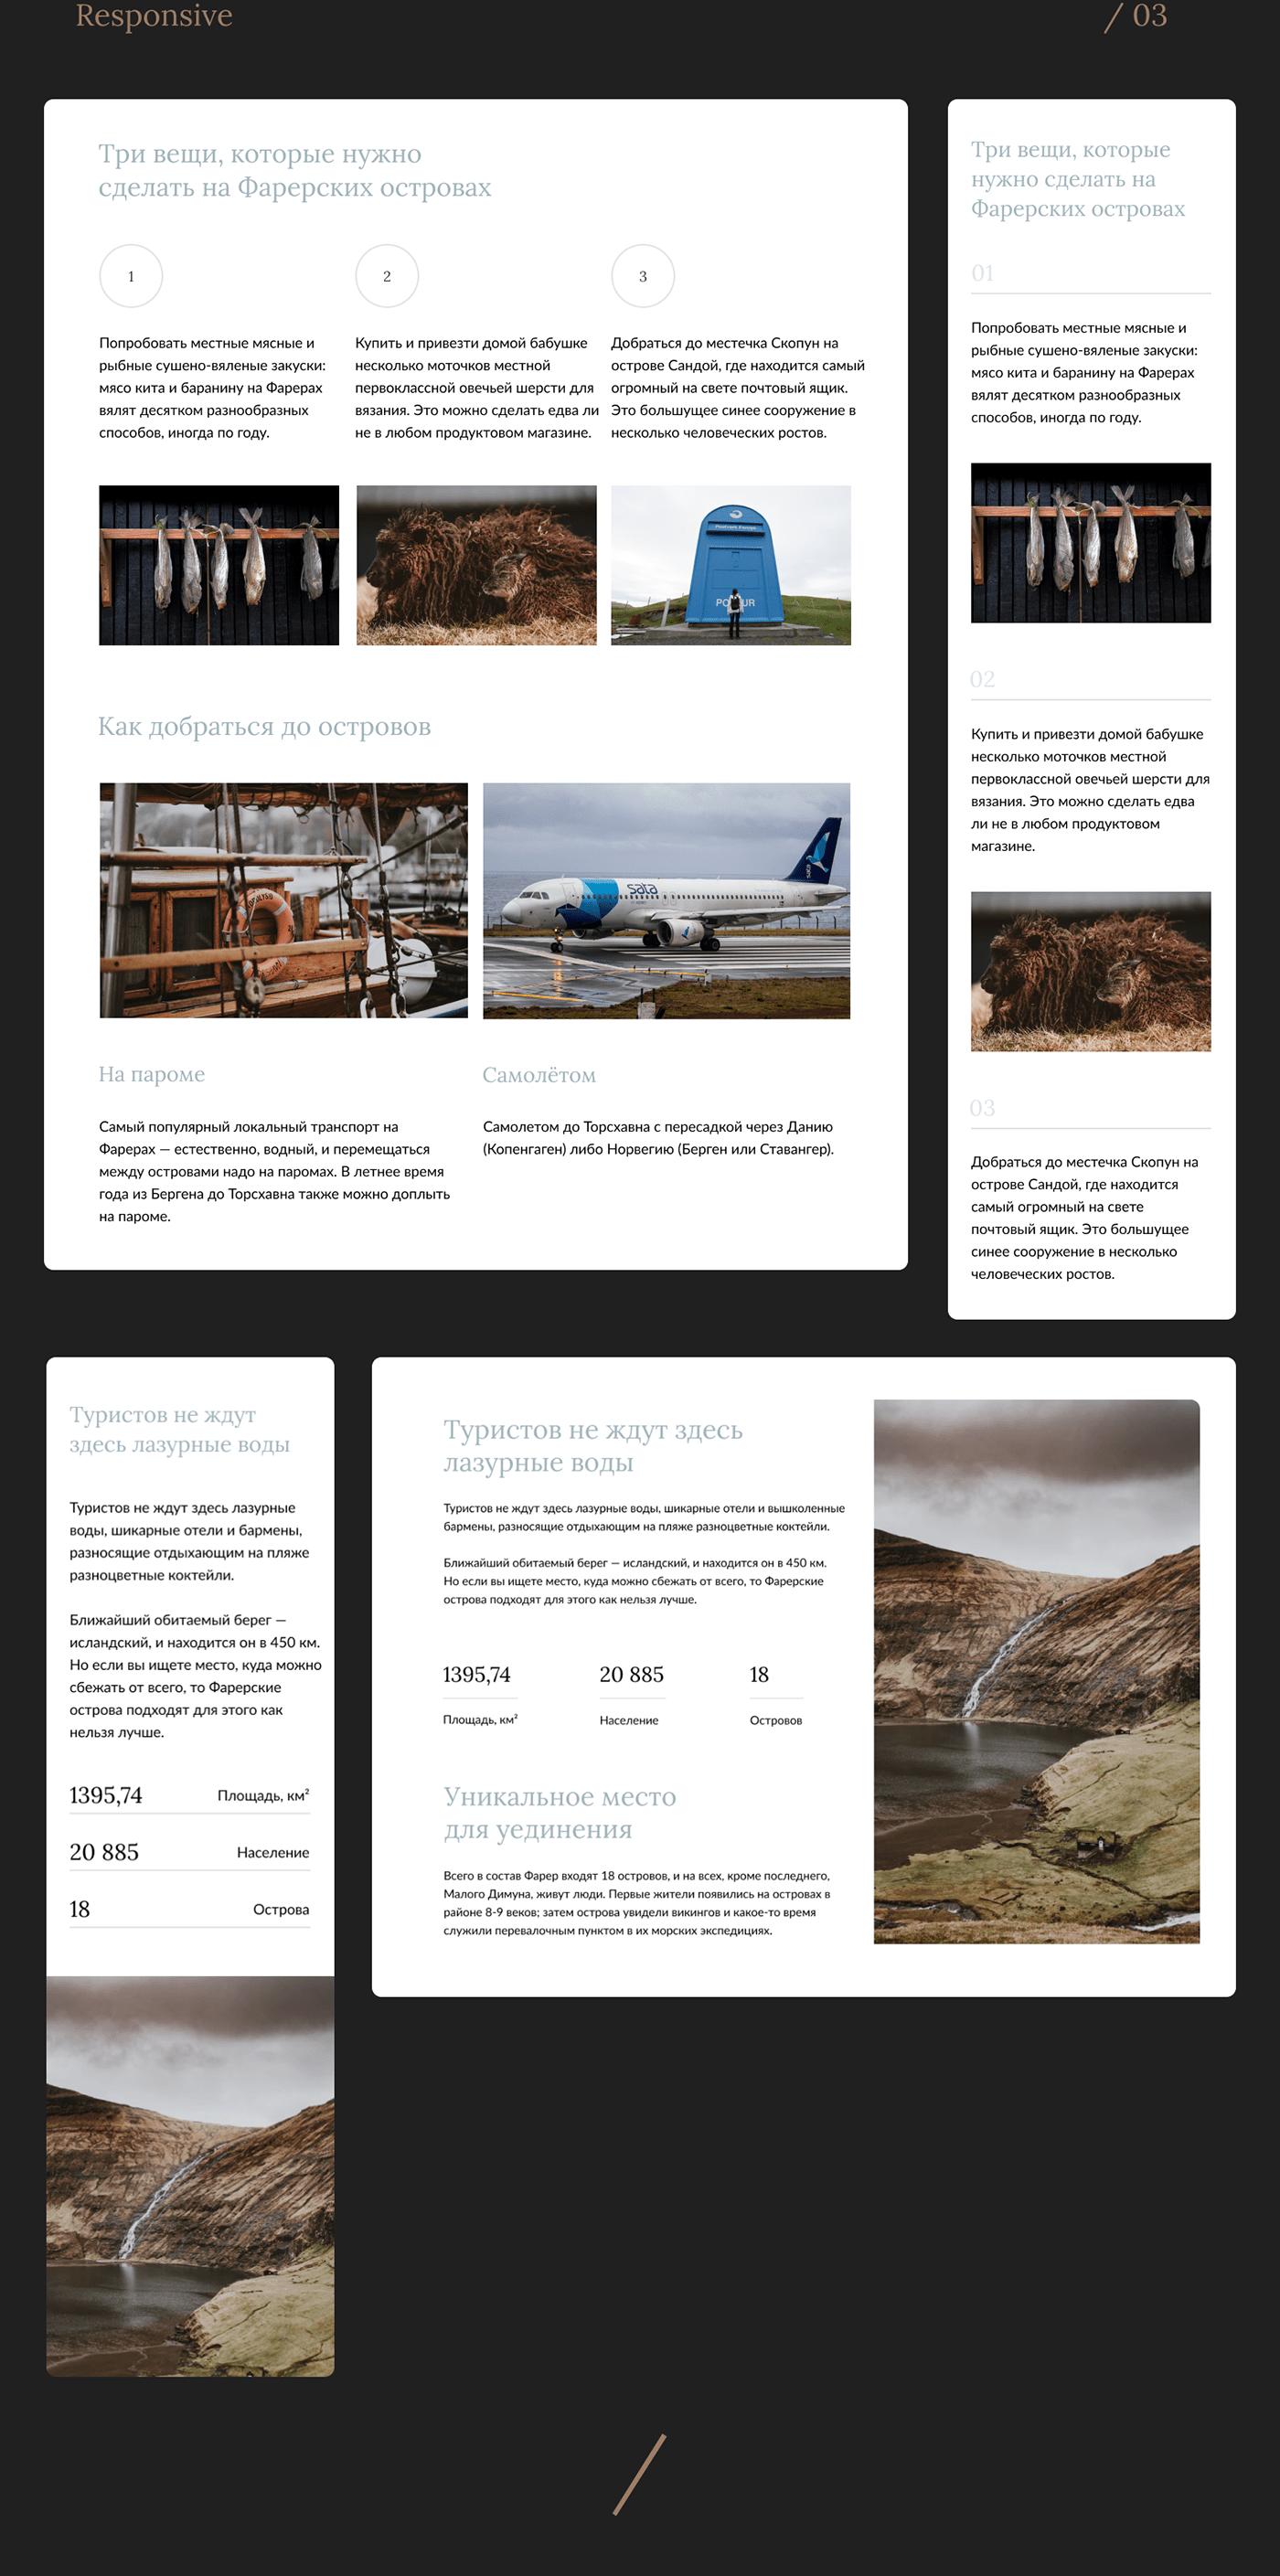 faroe faroe islands Travel travel landing page Travel Website